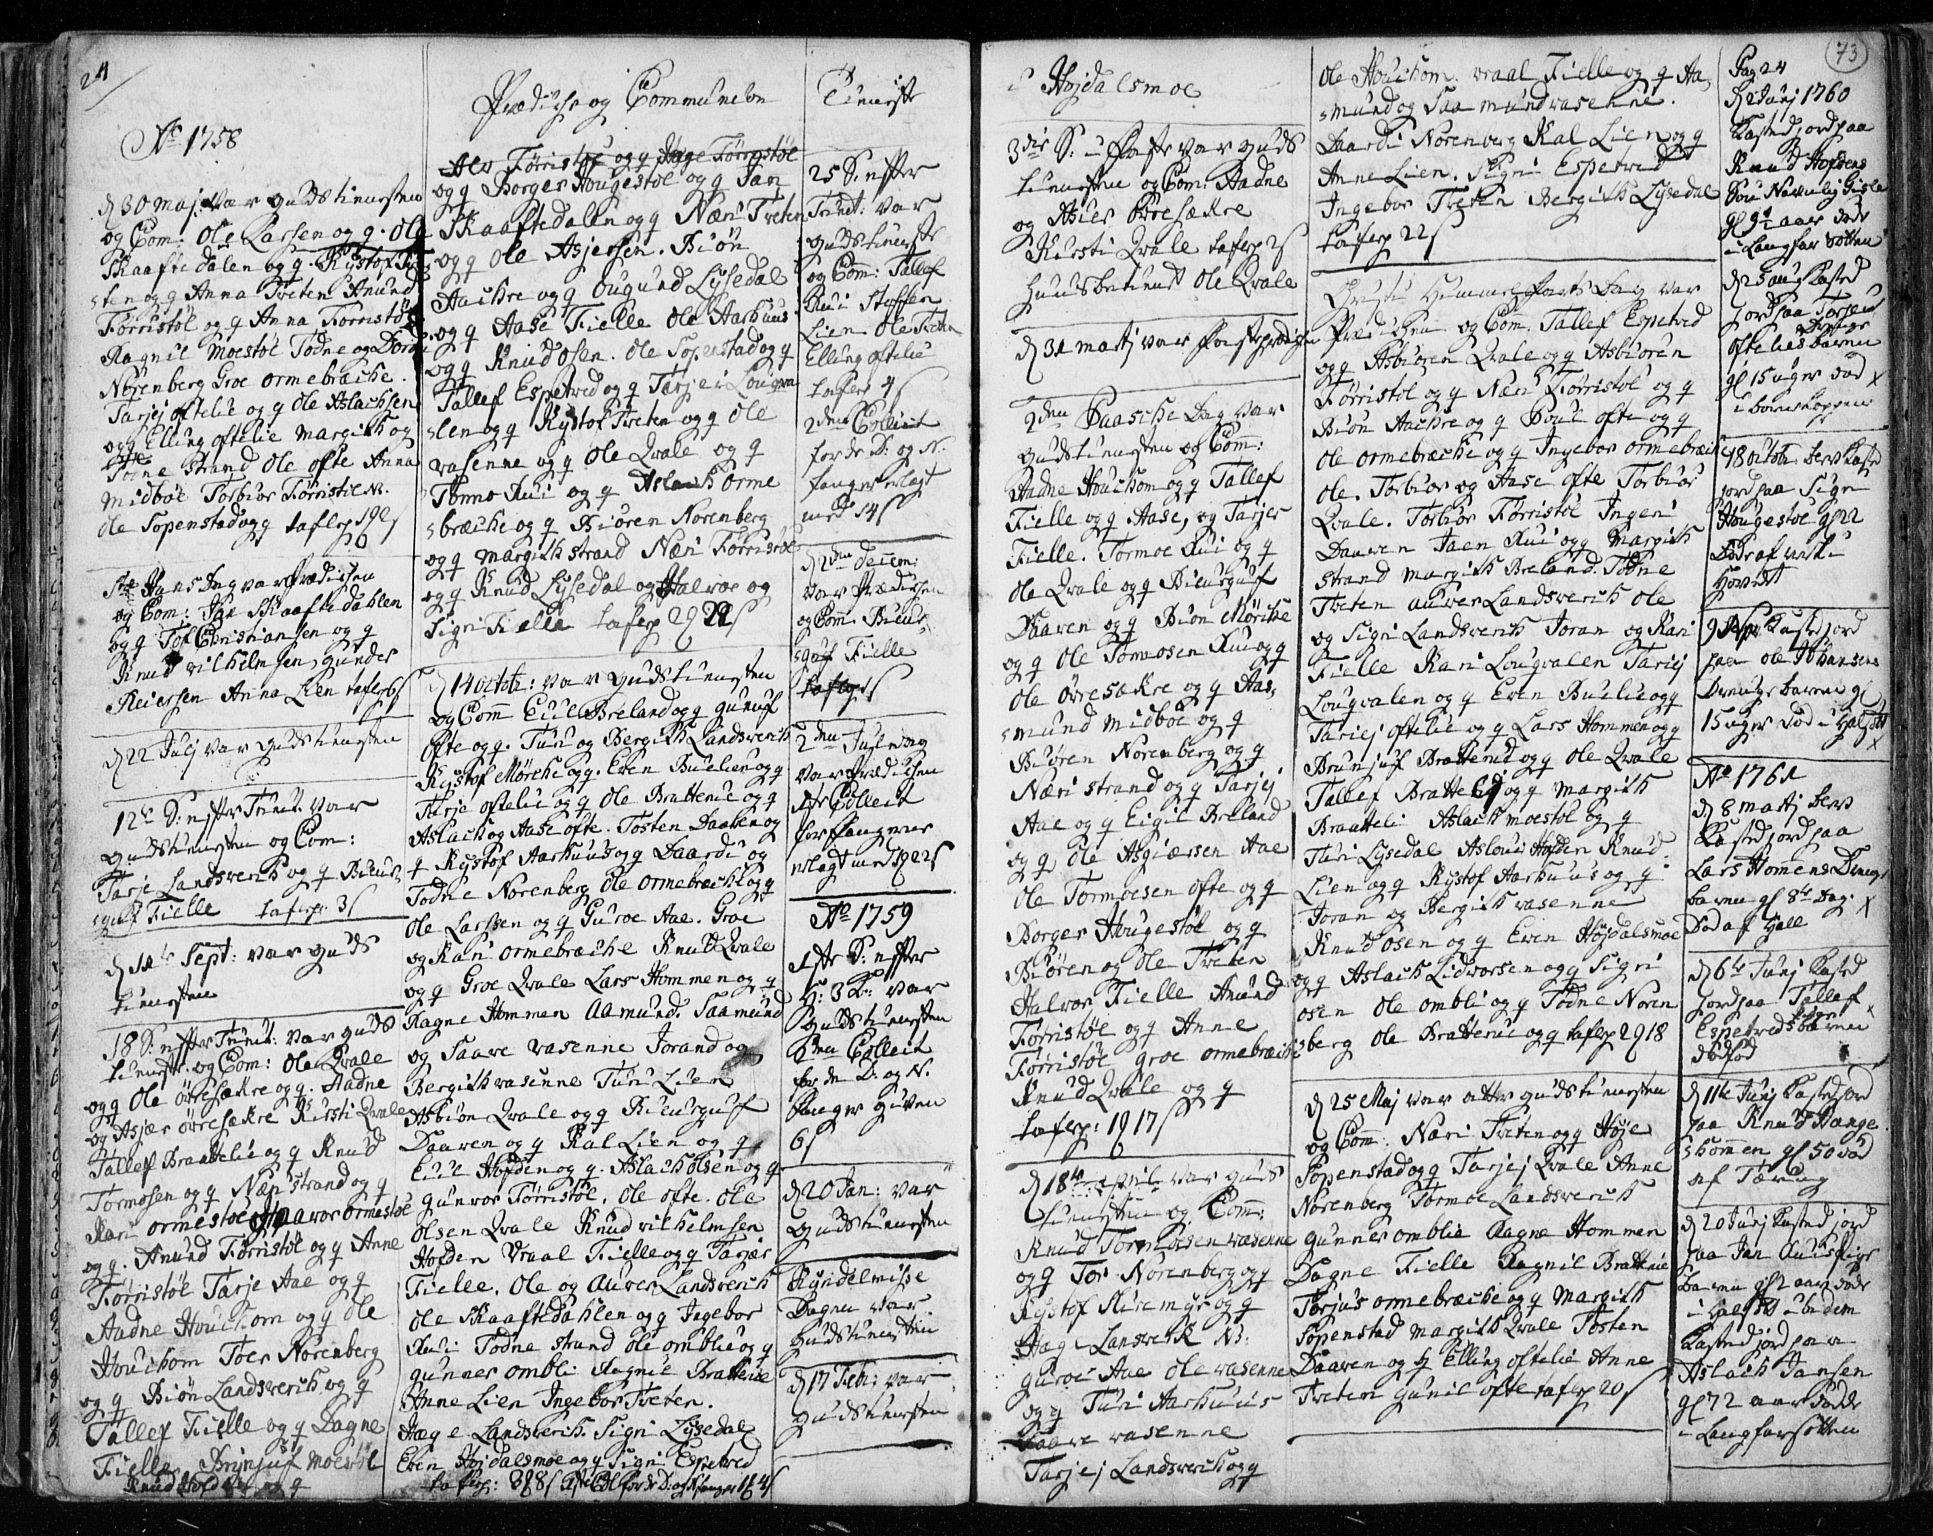 SAKO, Lårdal kirkebøker, F/Fa/L0003: Ministerialbok nr. I 3, 1754-1790, s. 73